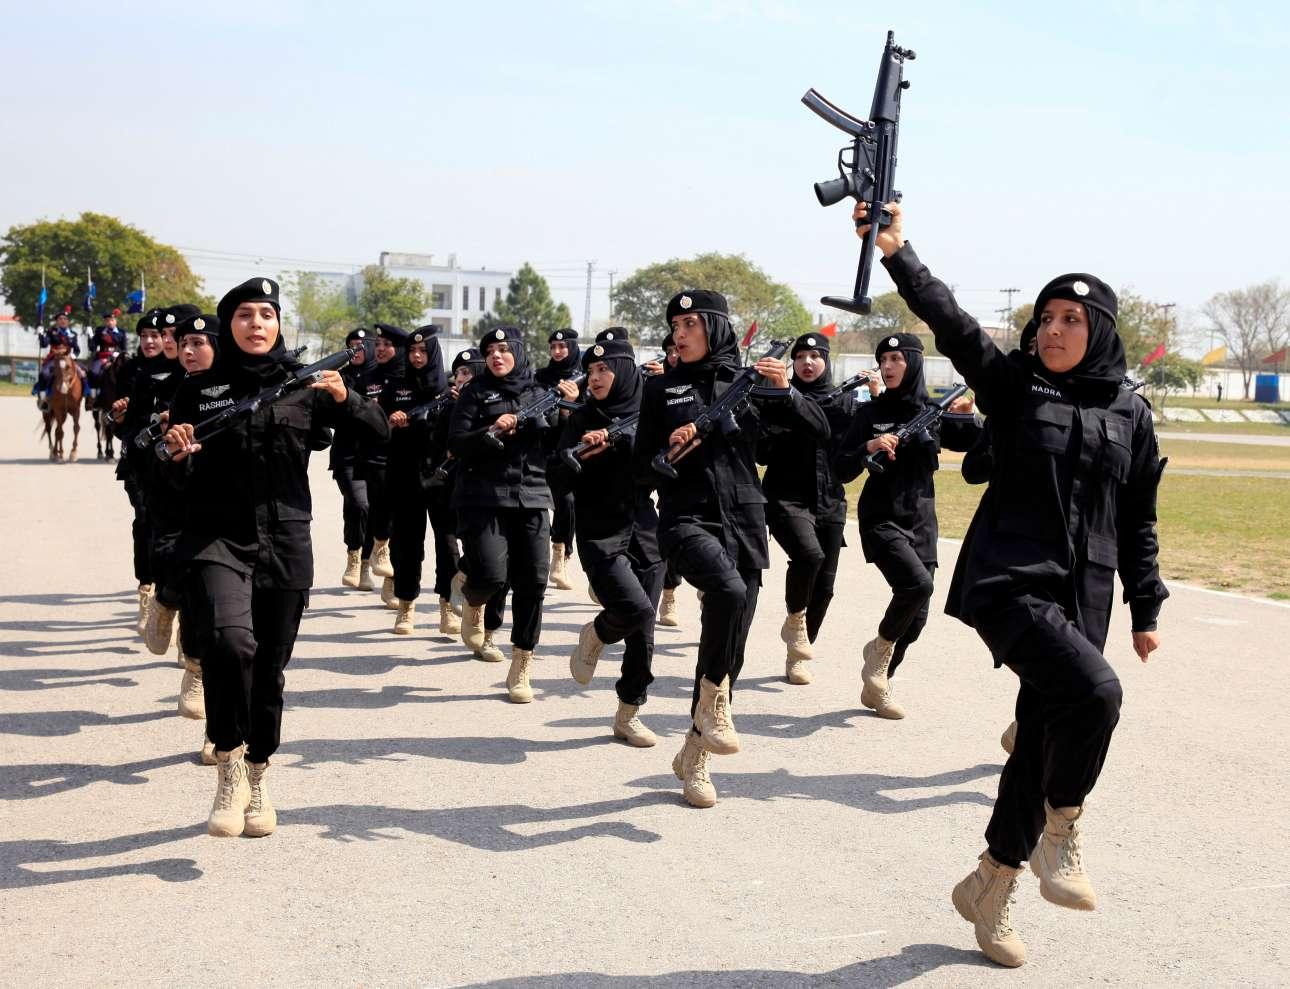 Γυναίκες - κομάντο της πακιστανικής αστυνομίας παρελαύνουν για την Ημέρα της Γυναίκας στο Ισλαμαμπάντ